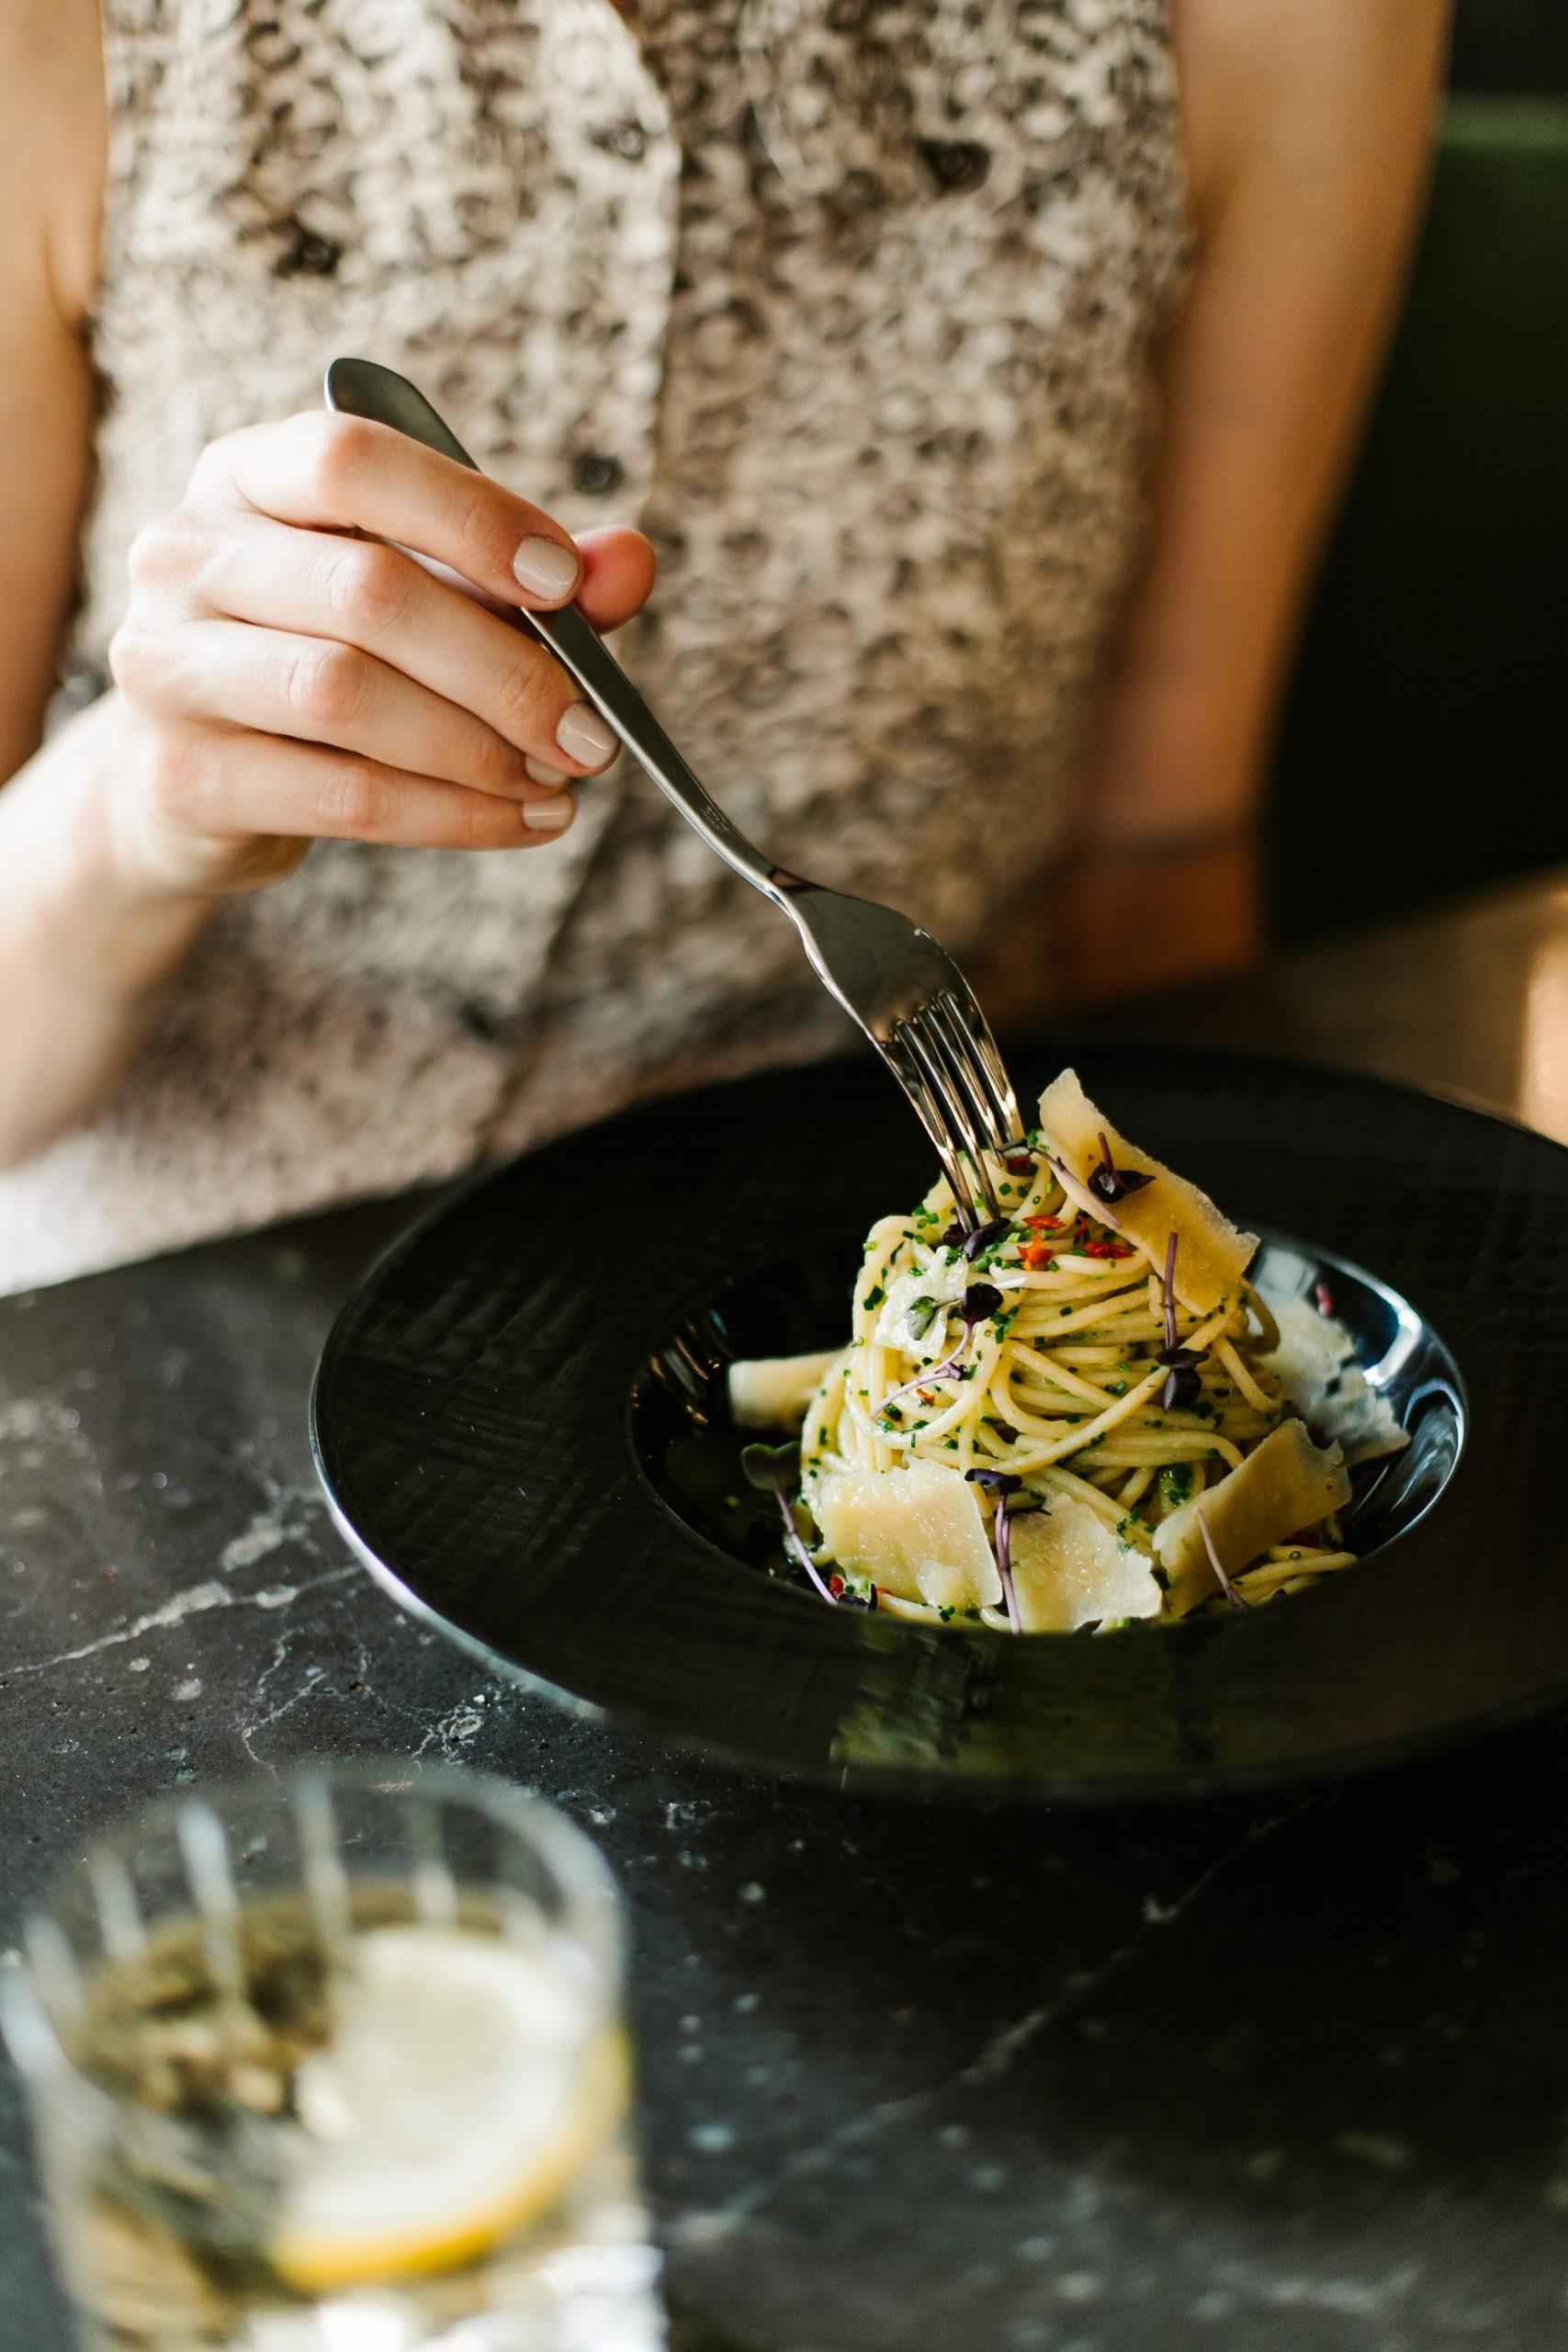 Ínycsiklandó fogások és friss, szezonális kínálat várja a vendégeket a BOTANIQ Turai Kastély éttermében